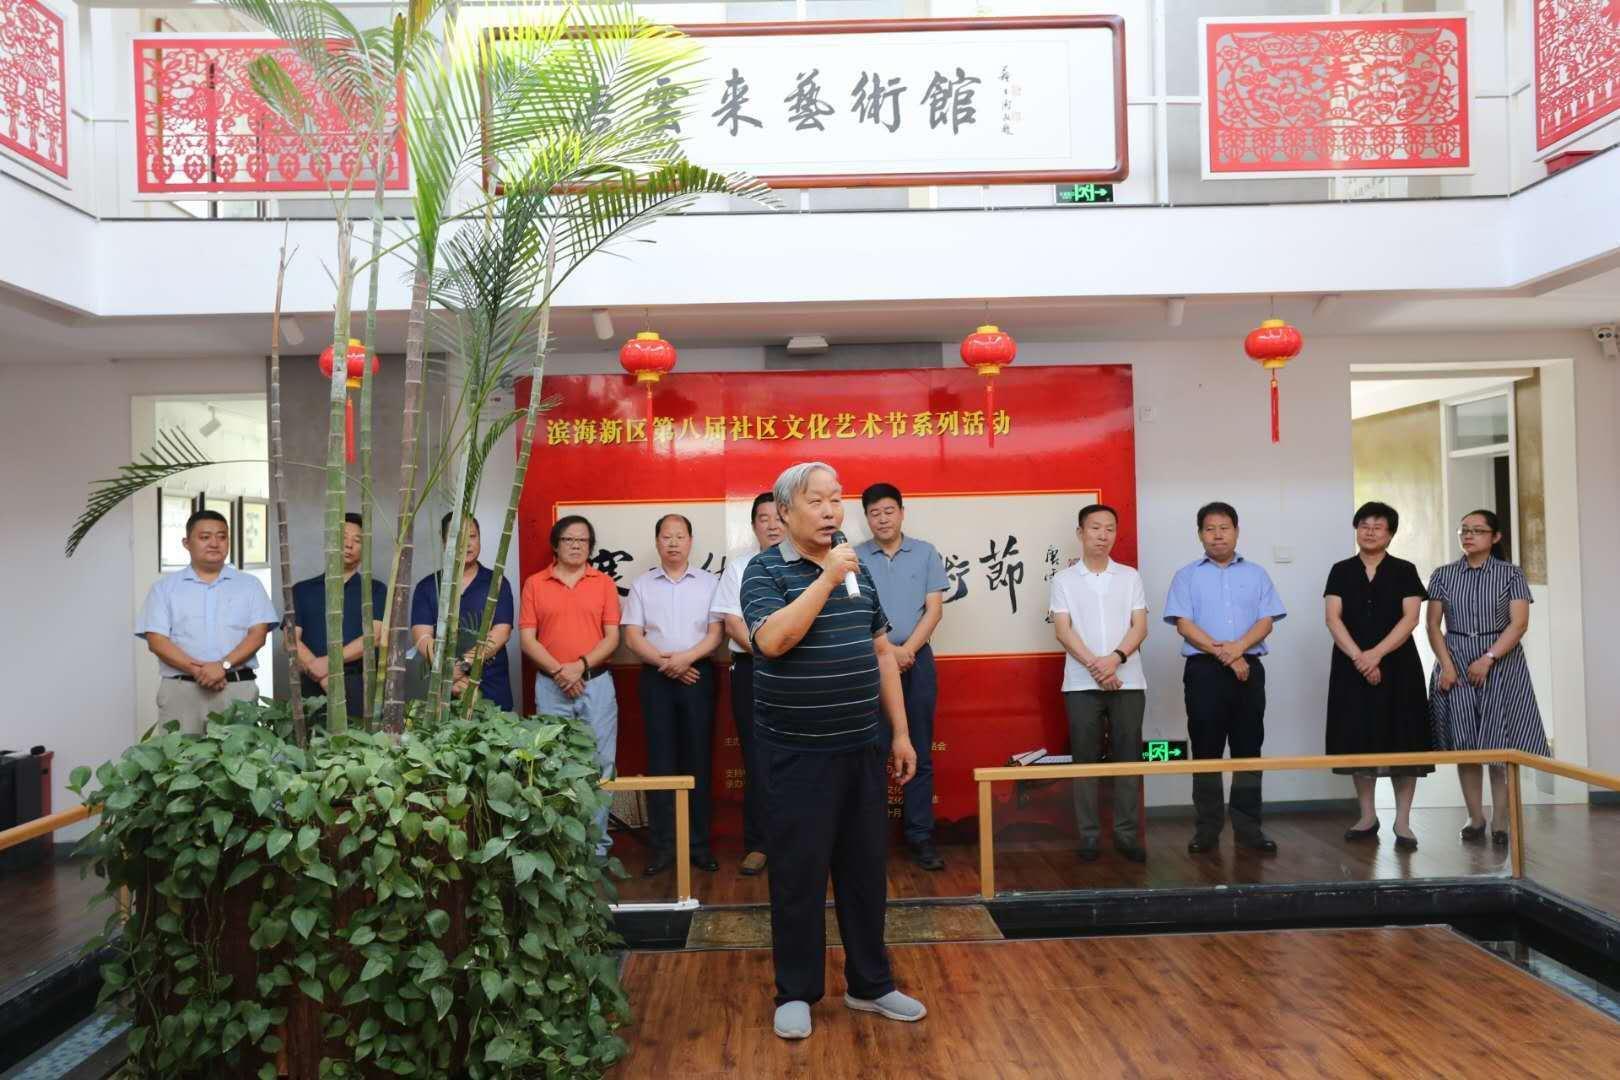 滨海新区第八届社区艺术节之寨上街书法艺术节在唐云来艺术馆开幕